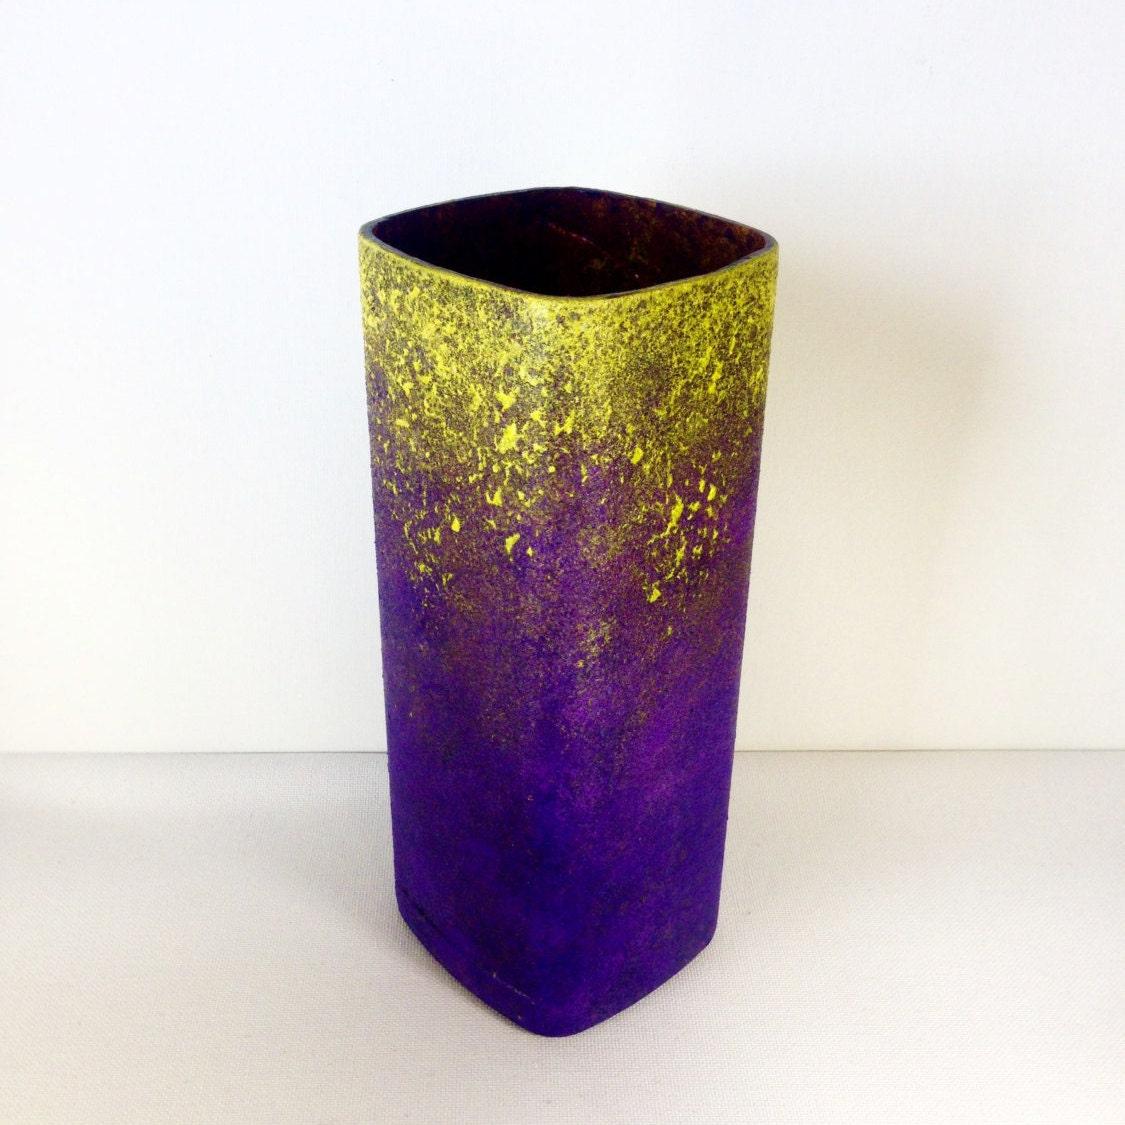 Vase candle holder recycled glass liquor bottle art hand for Liquor bottle vases